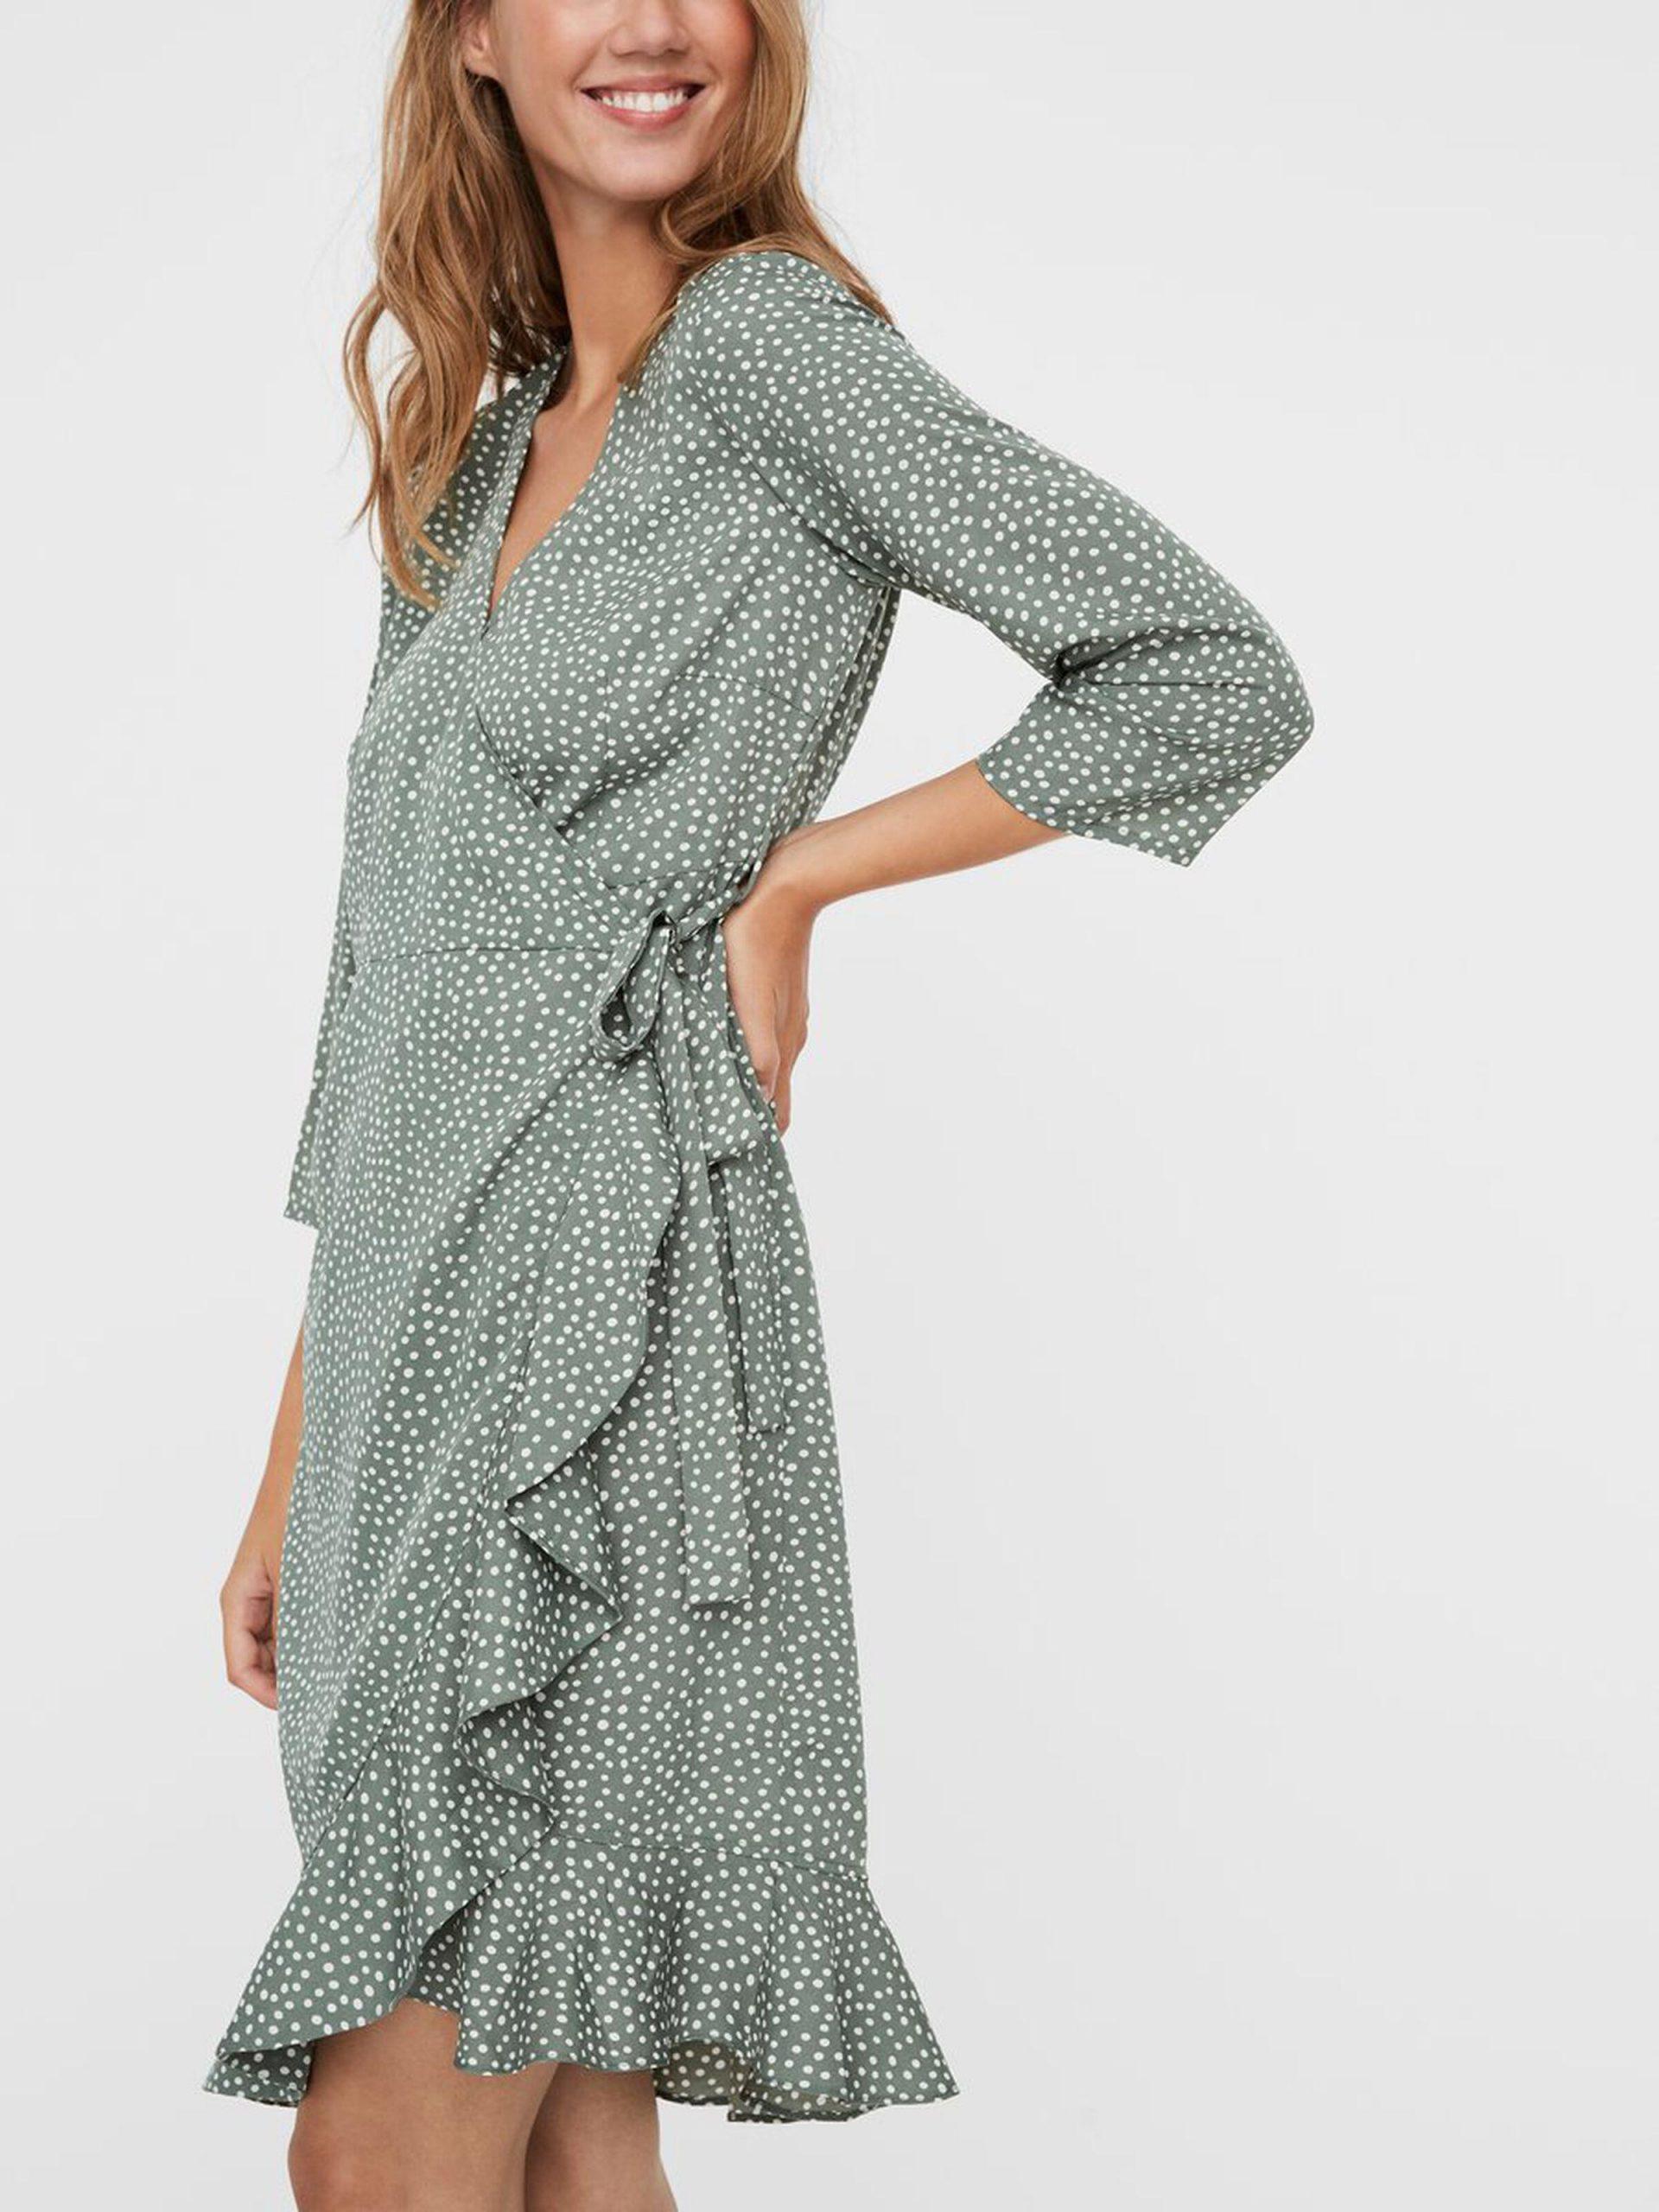 Damen Vero Moda Kleider  Gepunktetes Wickel Minikleid